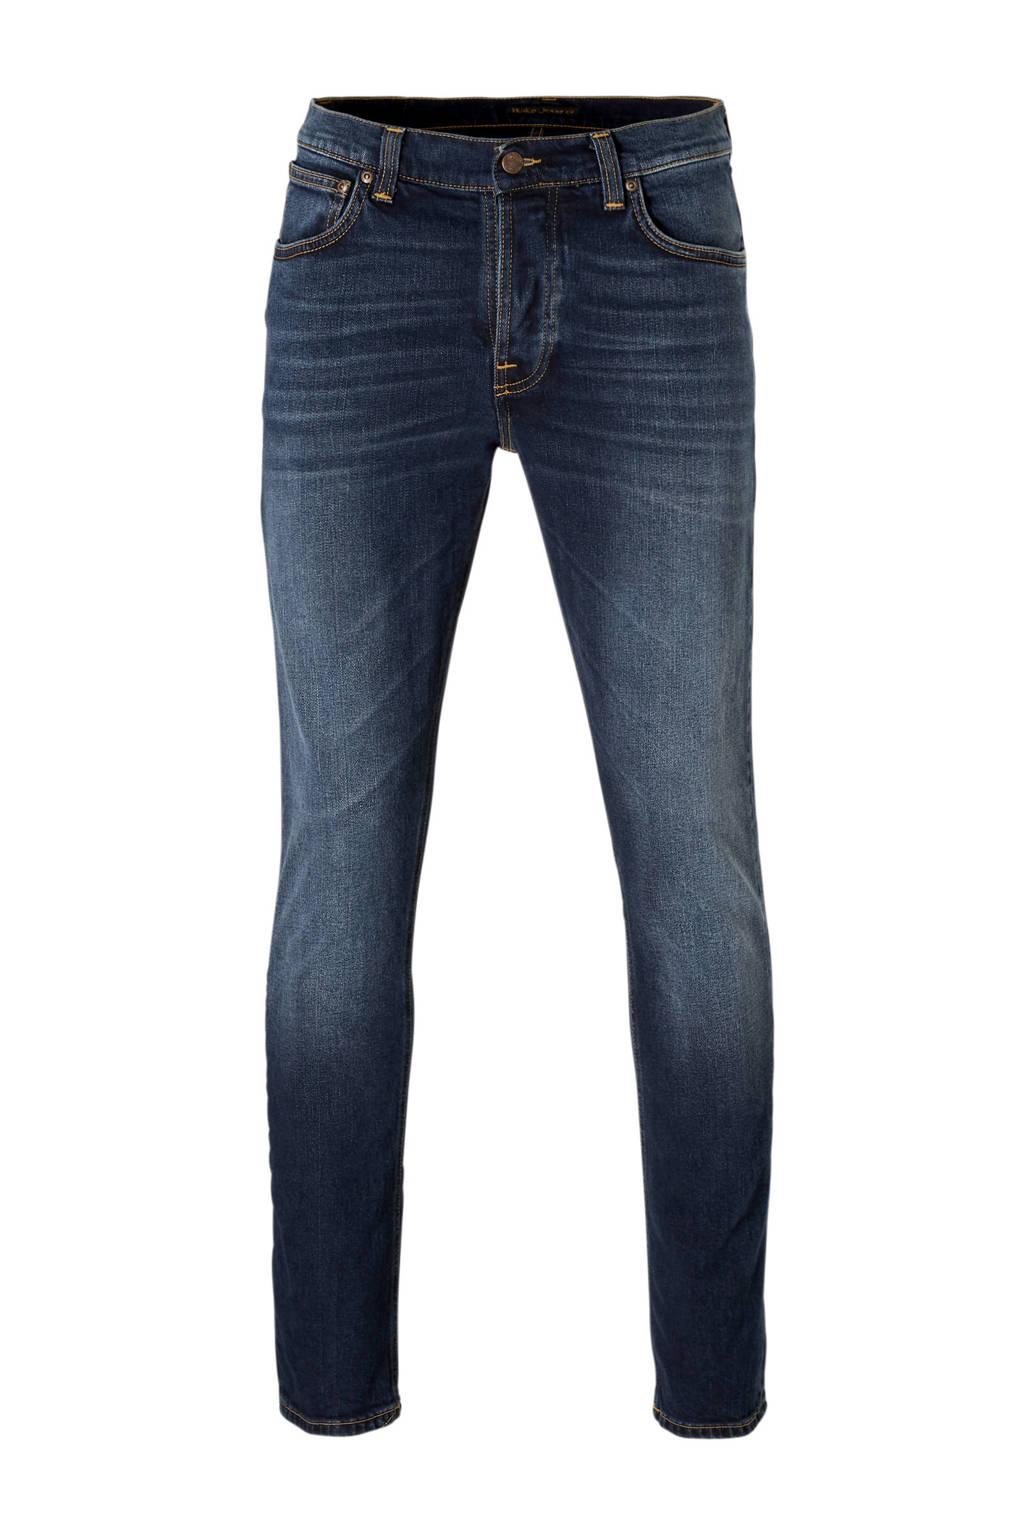 Nudie Jeans slim fit jeans Grim Tim ink navy, Ink navy